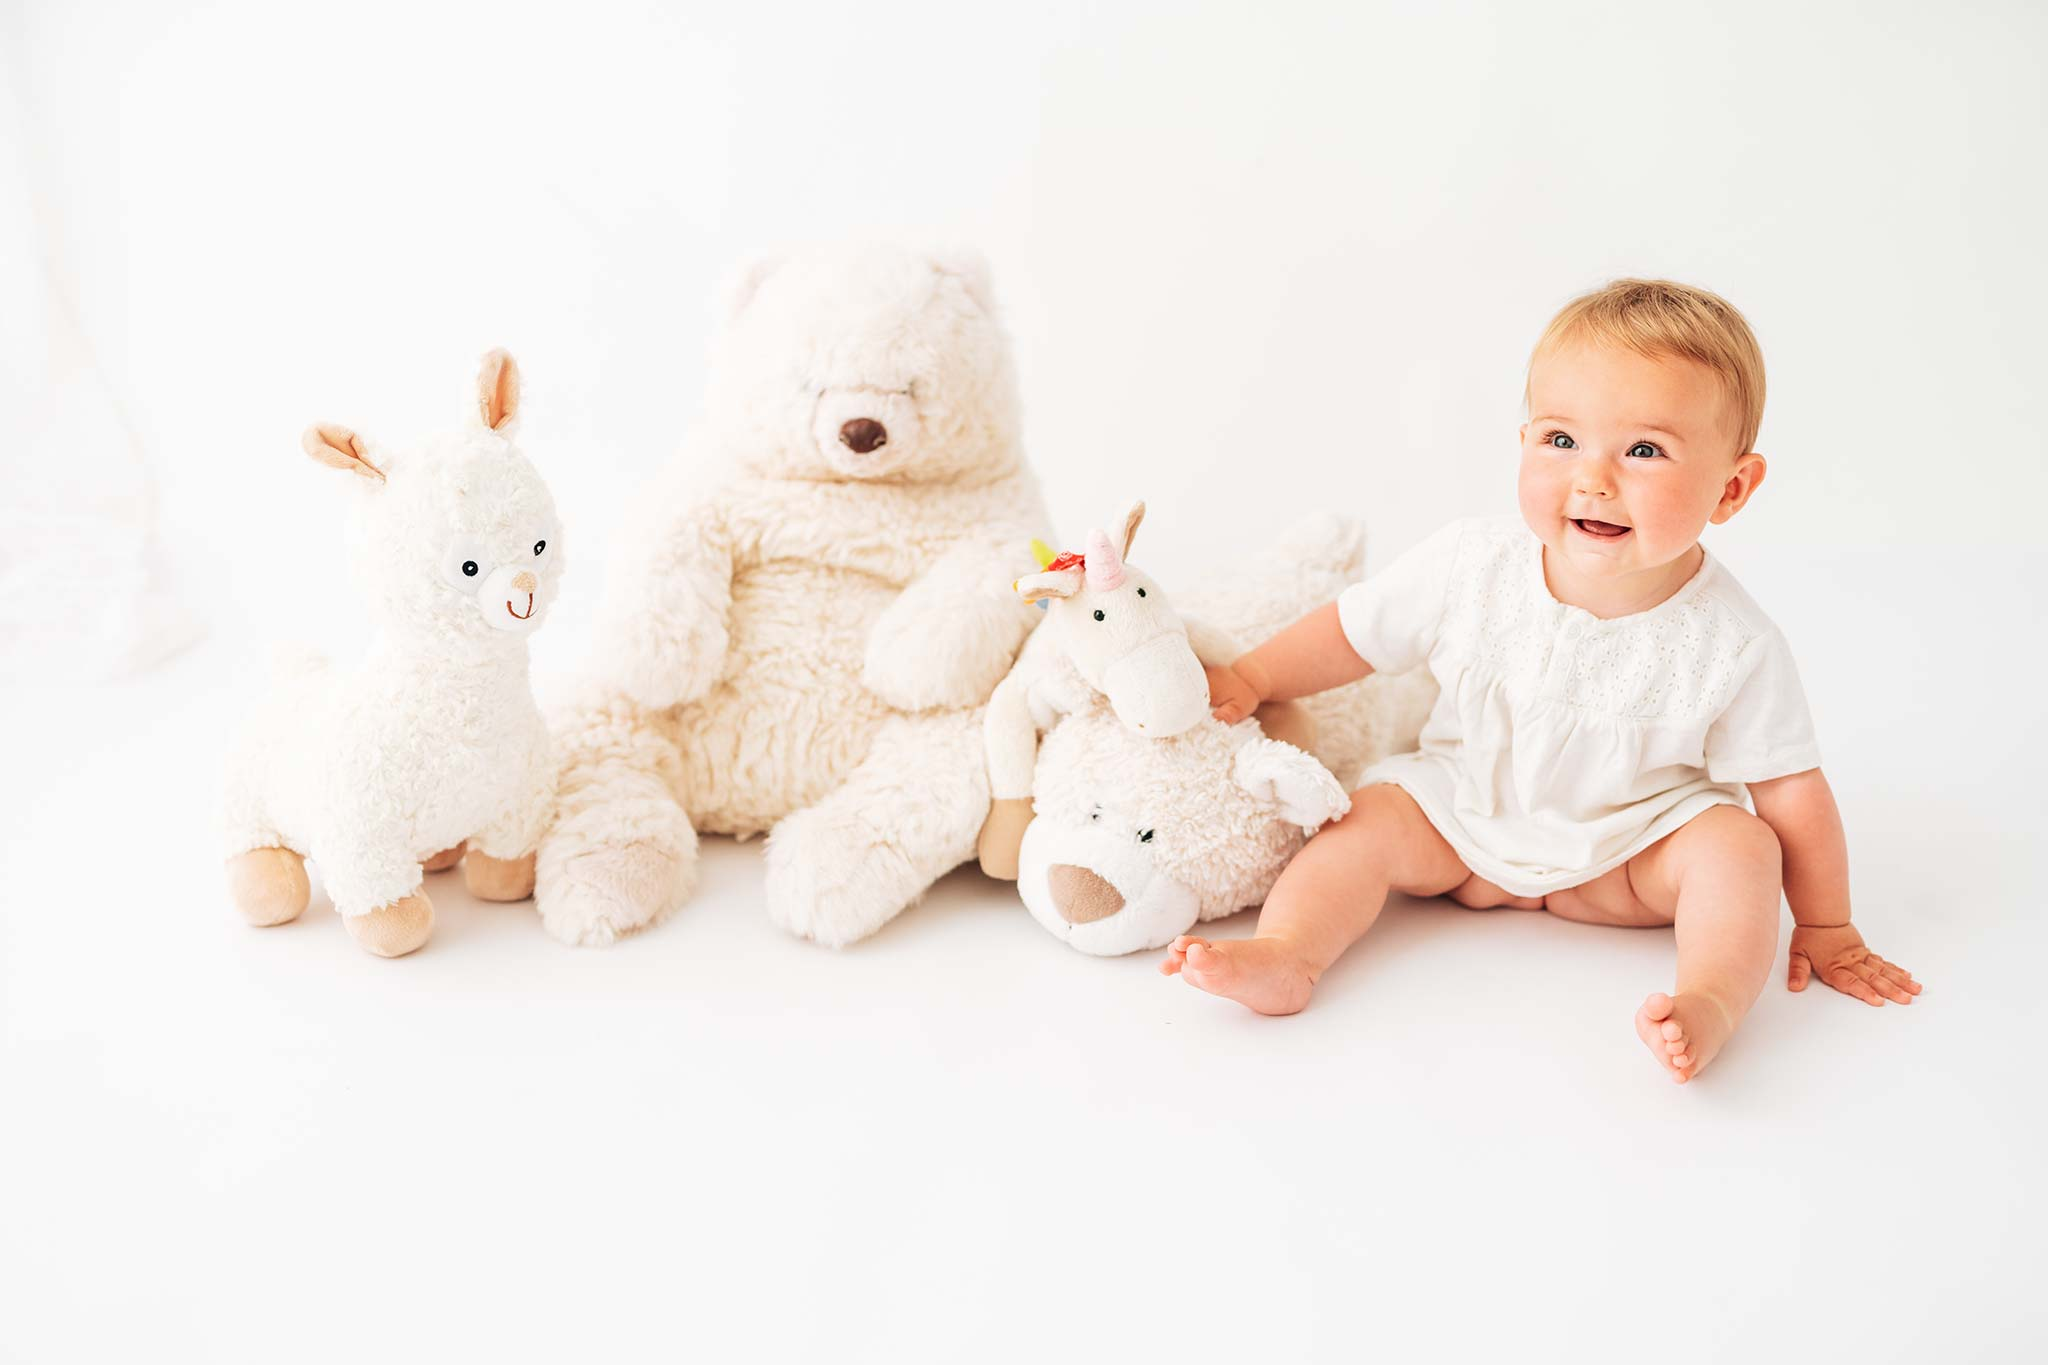 Kinderfotografie München: Baby sitzend mit Stofftieren